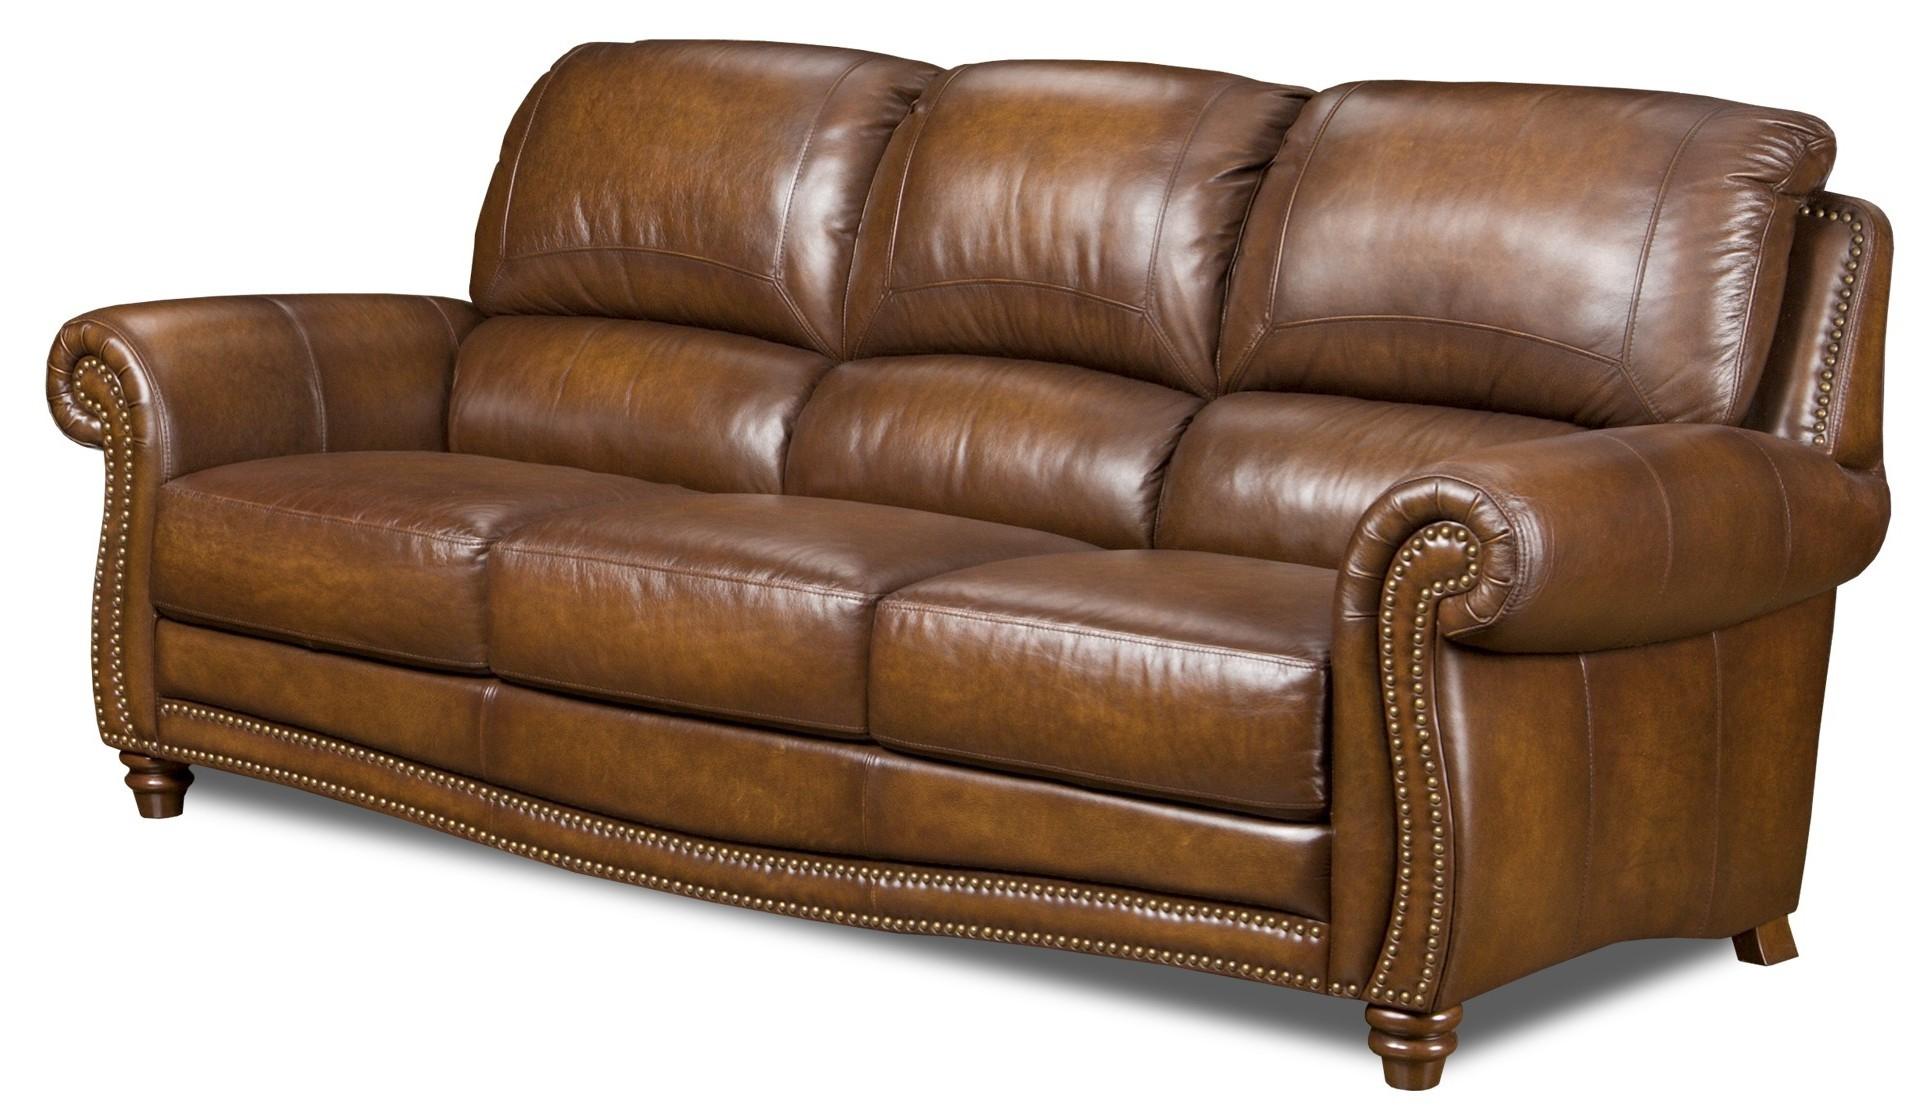 Santaramo Parker San Marco Sofa Leather Italia Leather Furniture